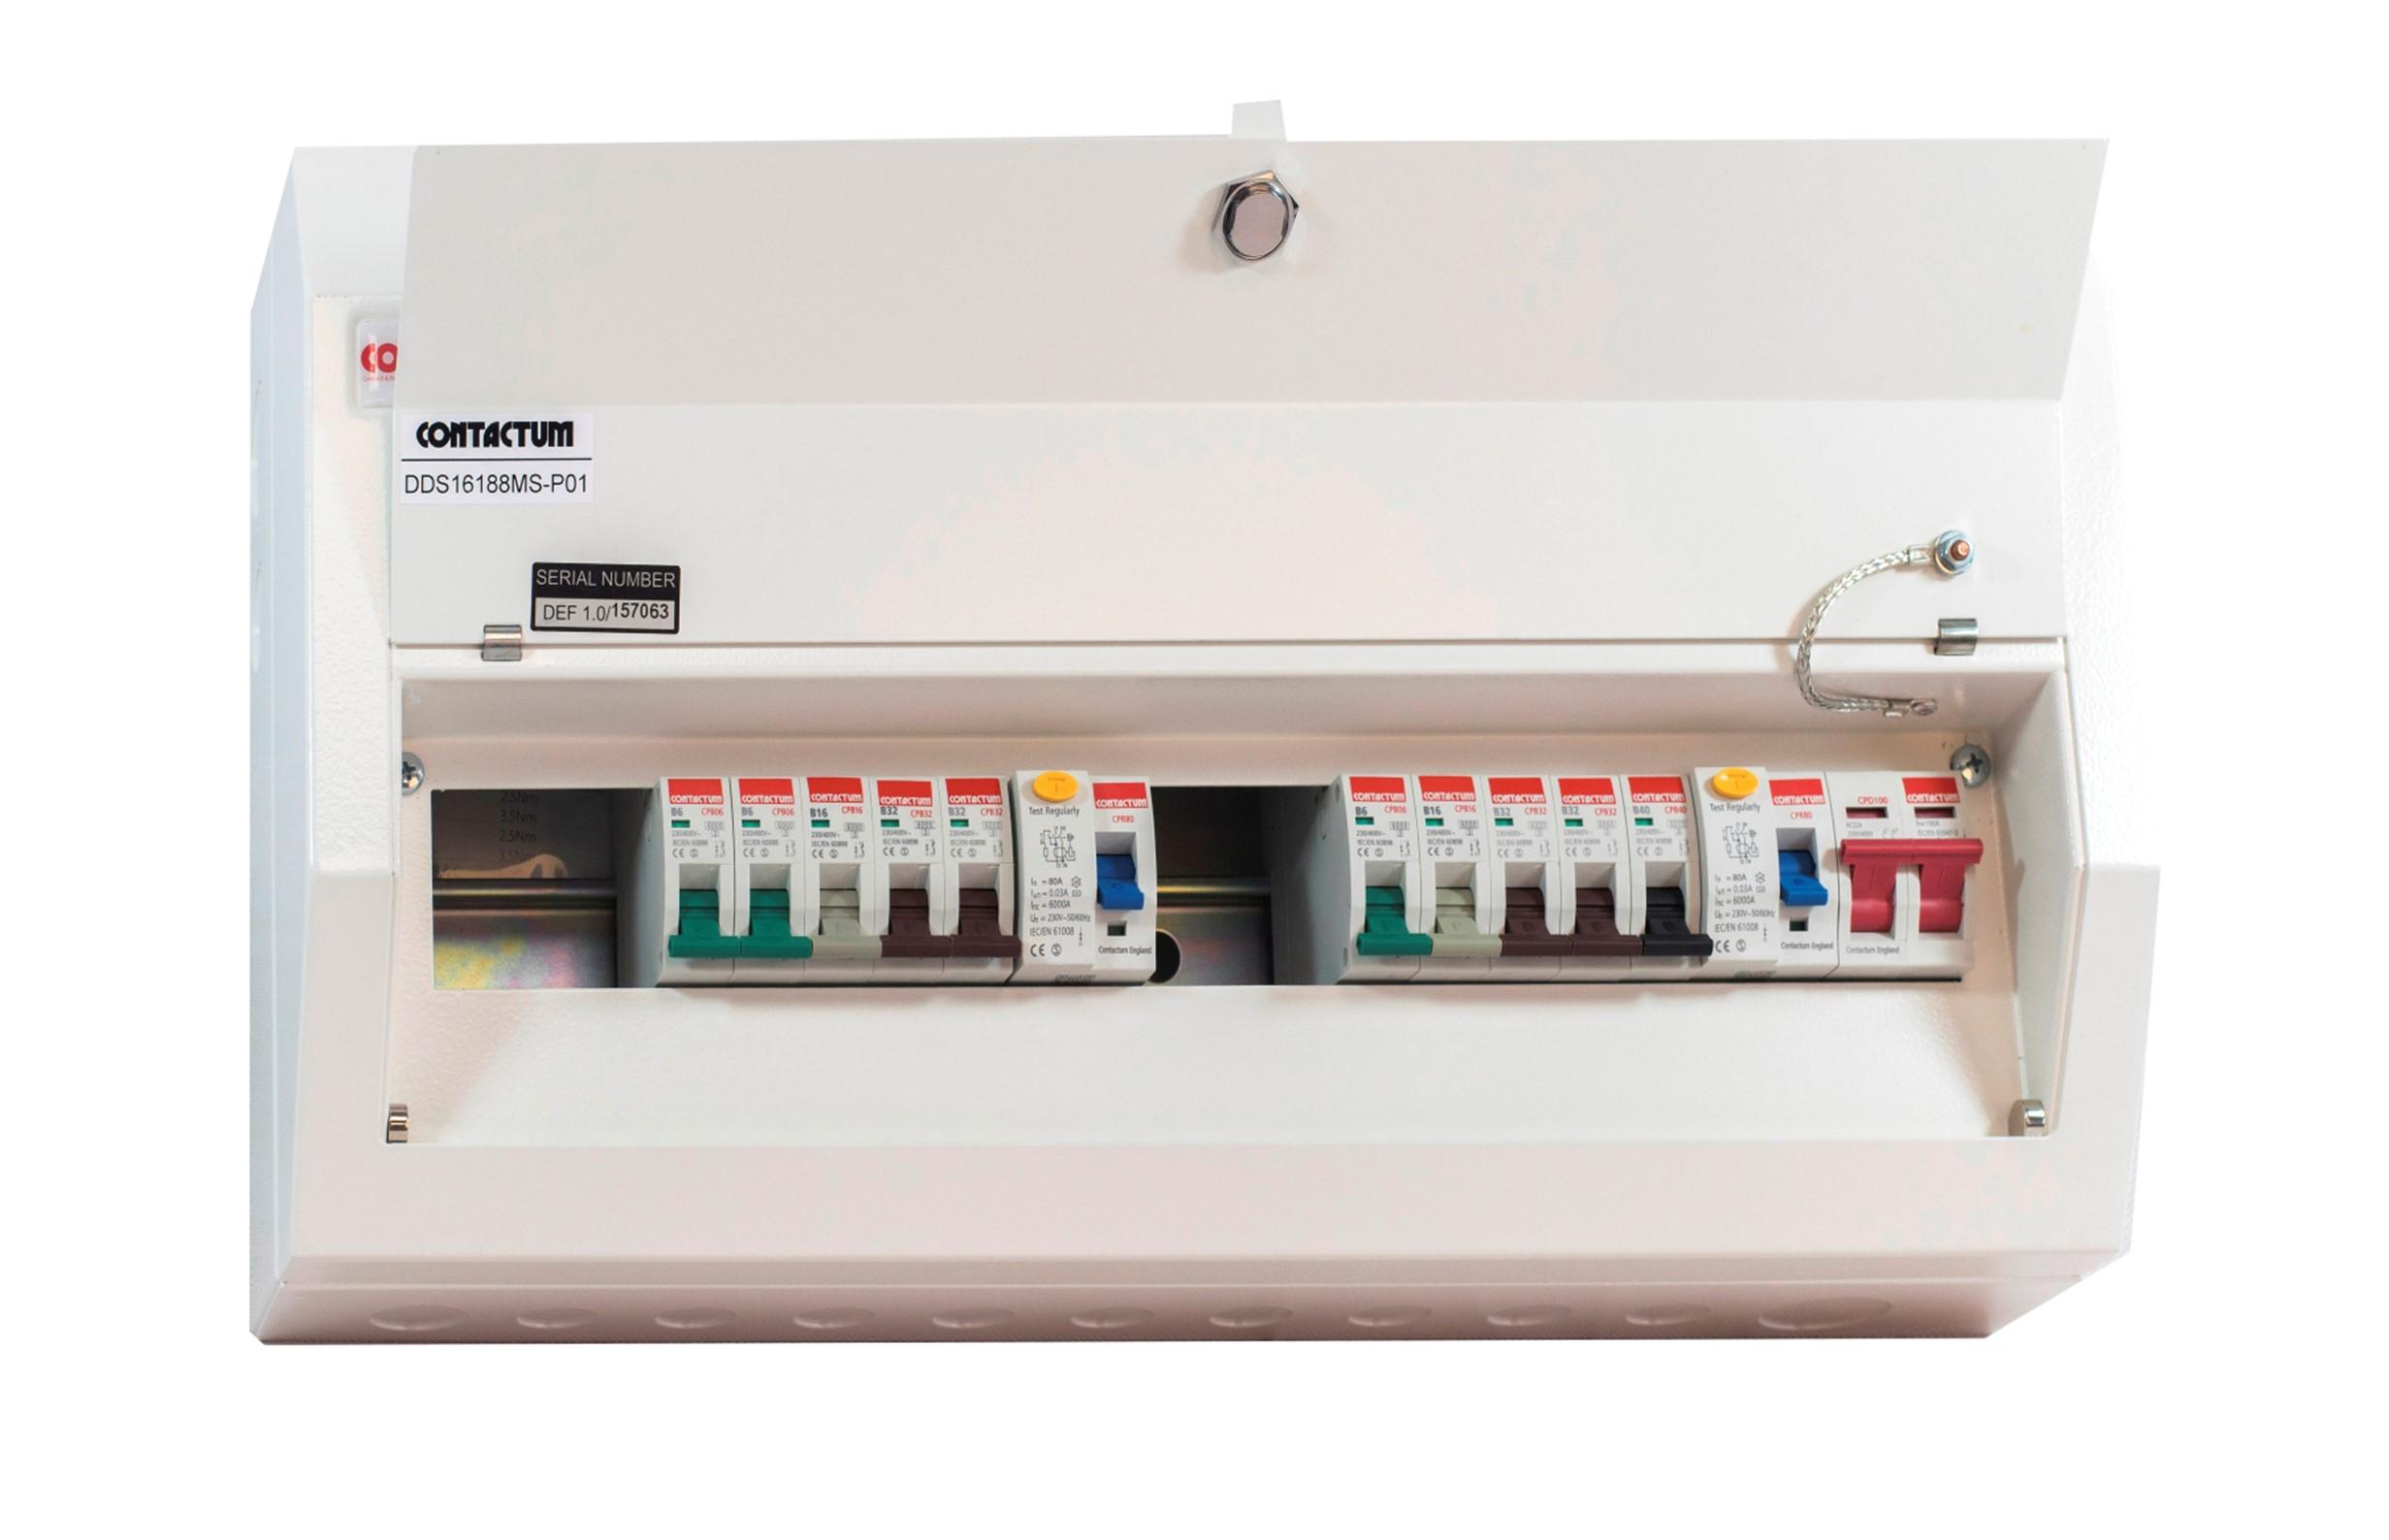 Contactum DDS16188MS-P01 Consumer Unit 16Way 100A